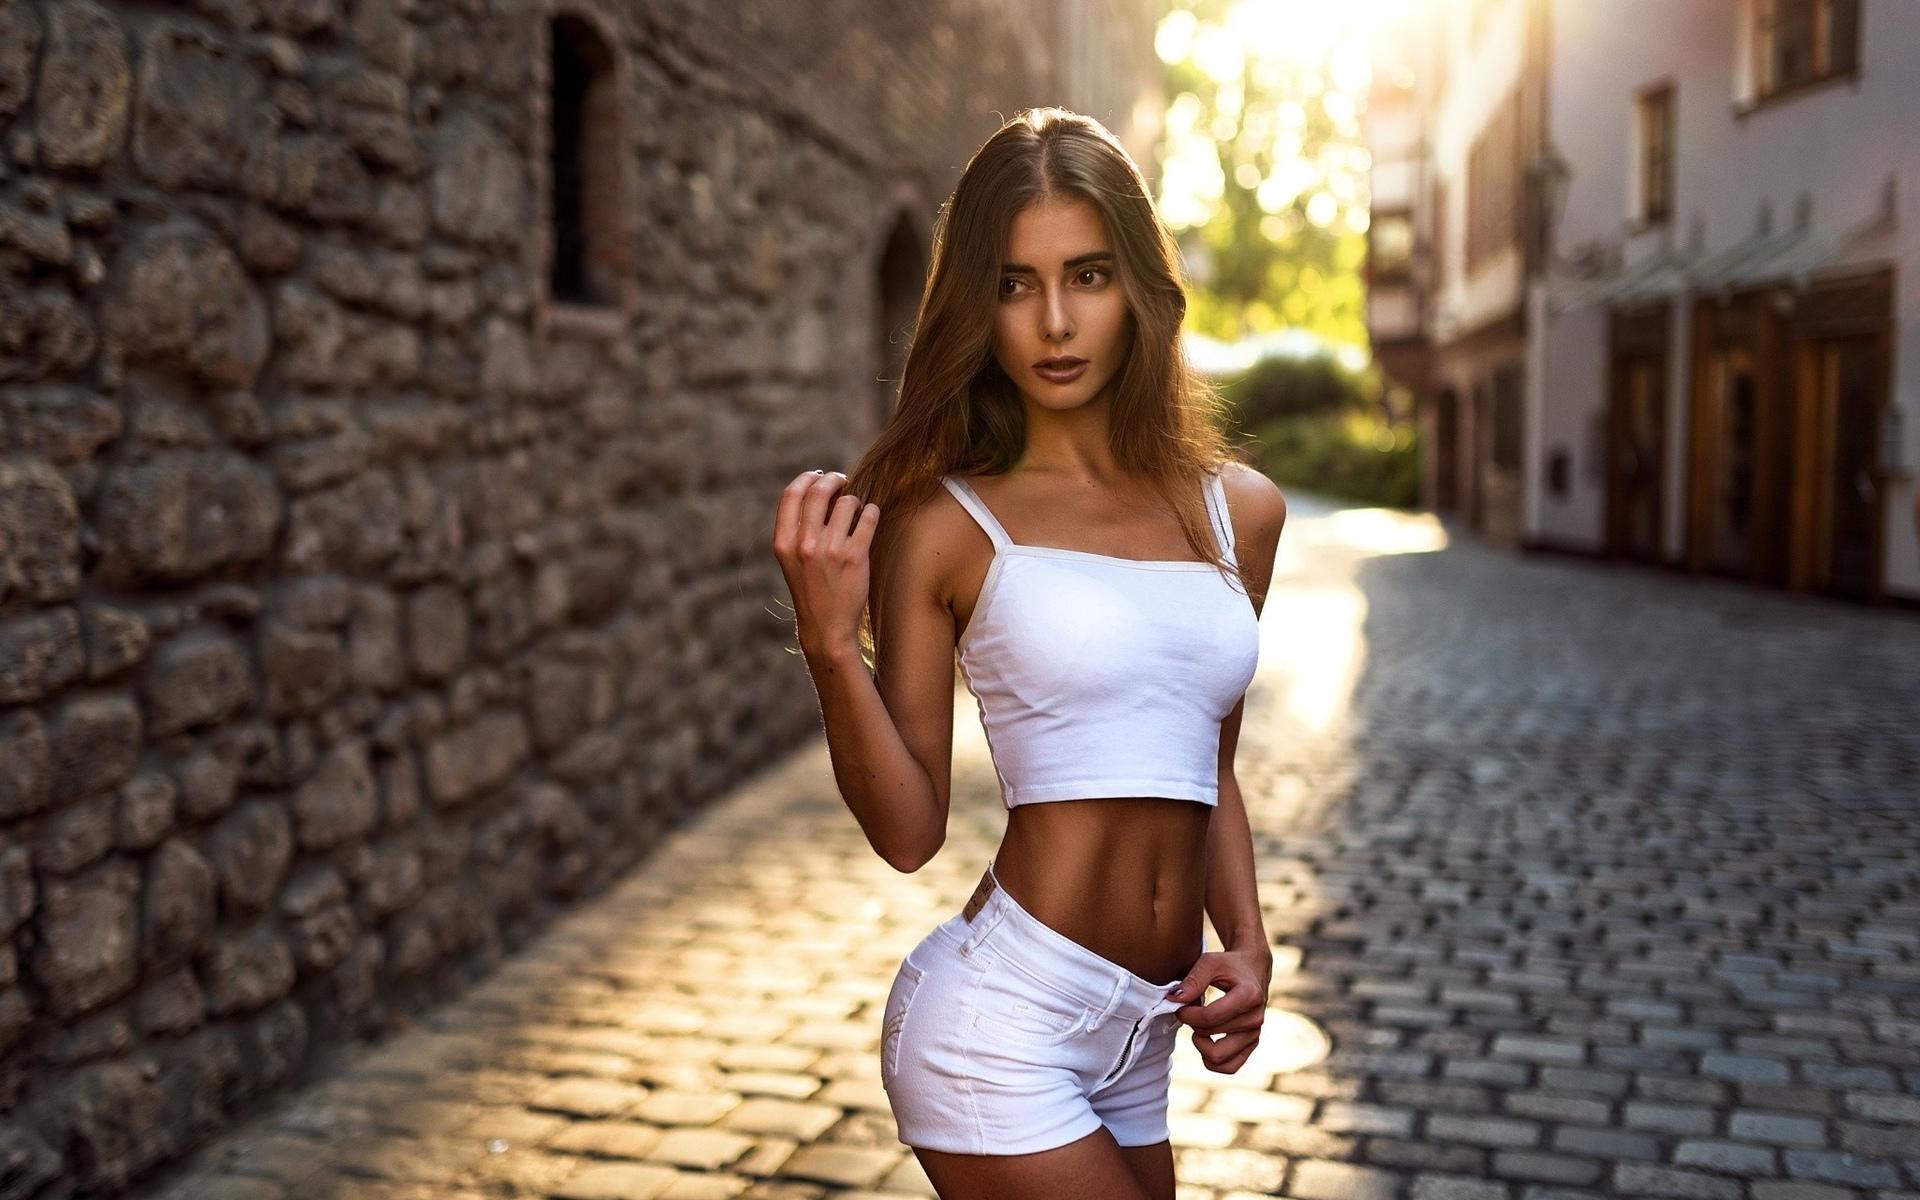 Почему мужчины предпочитают стройных девушек?